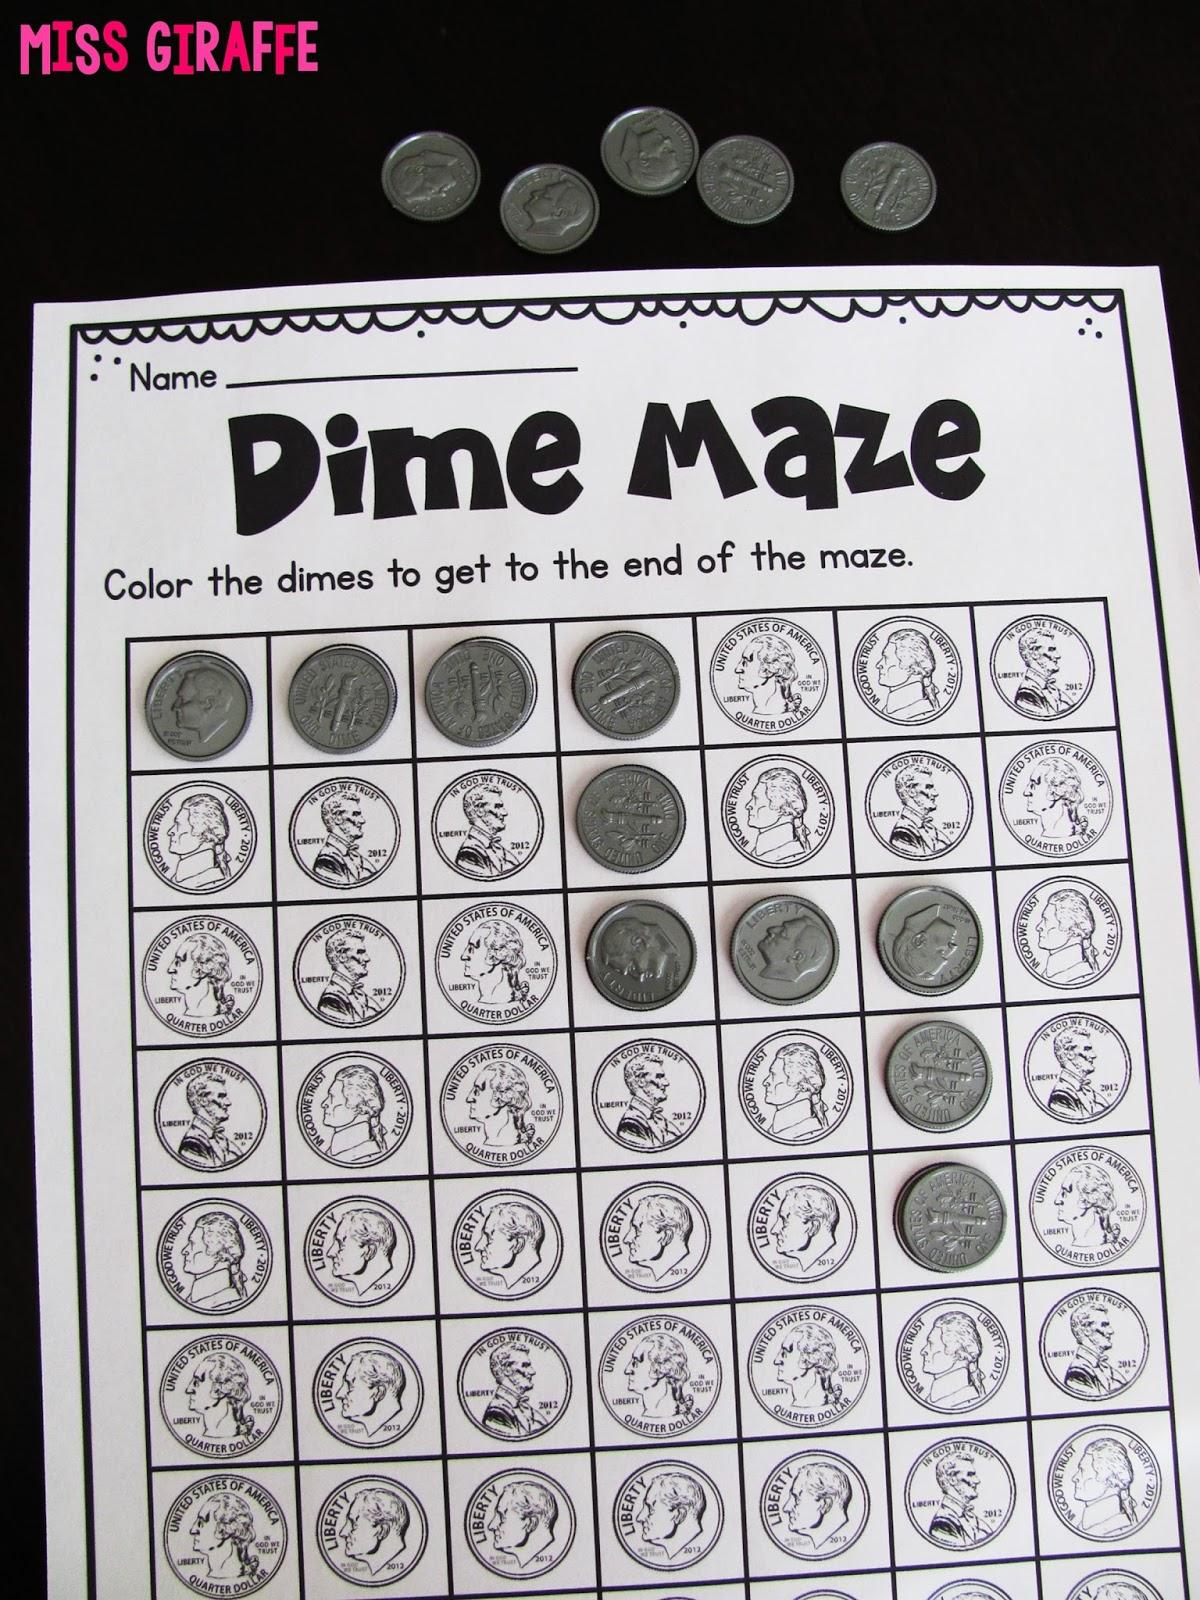 worksheet Coin Identification Worksheets miss giraffes class teaching money